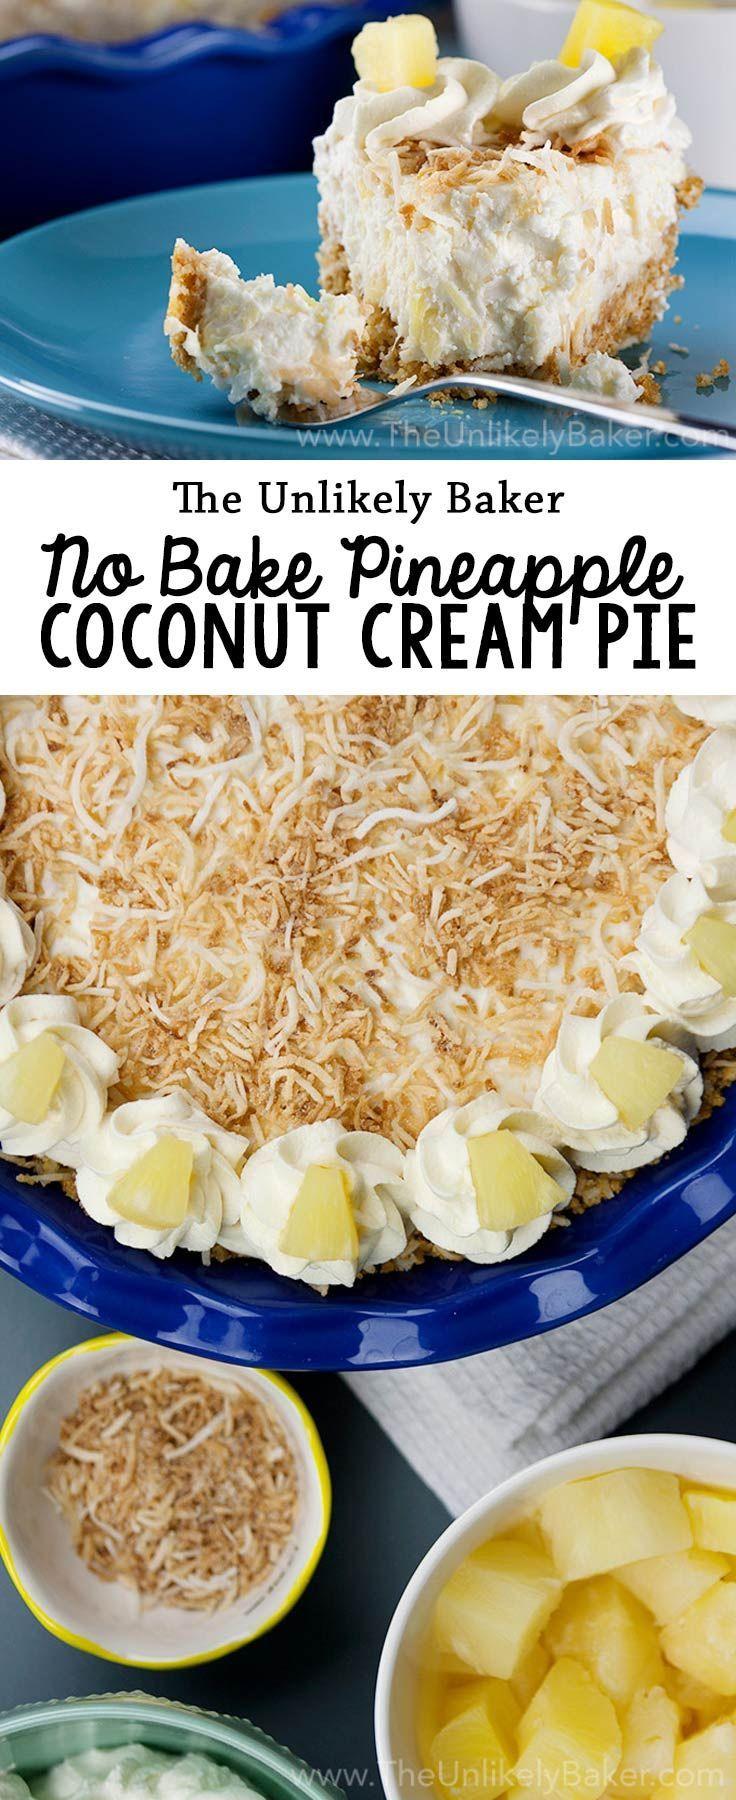 Pineapple-Coconut Cream Pie Pineapple-Coconut Cream Pie new photo